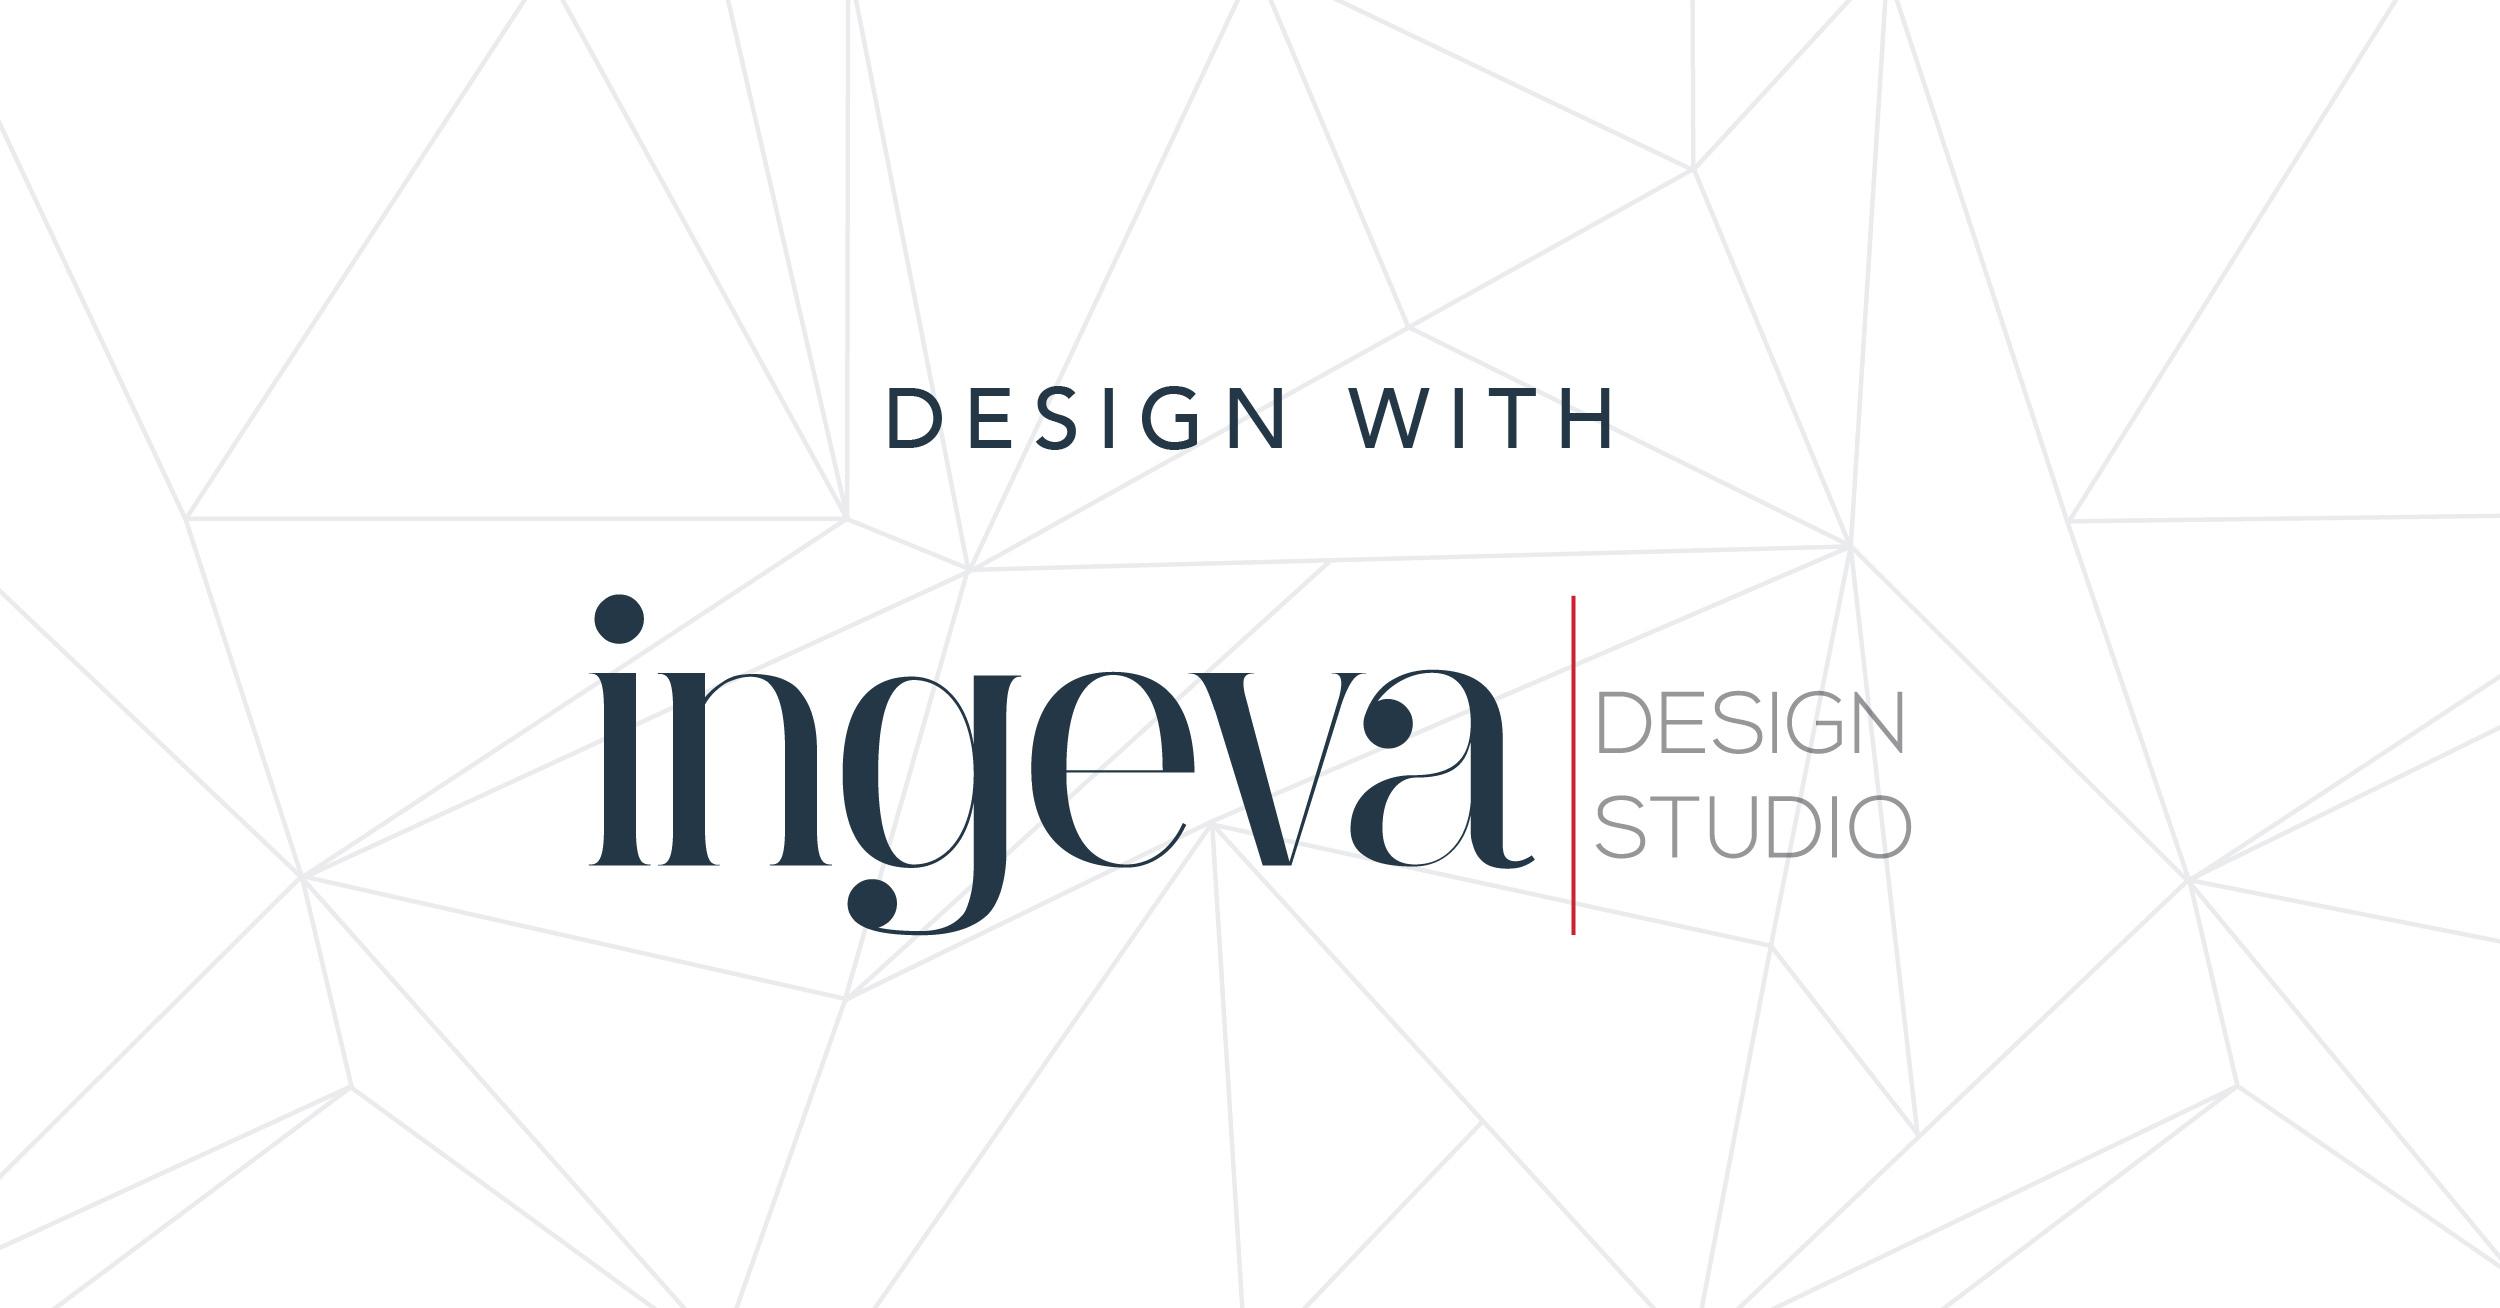 Design with ingeva